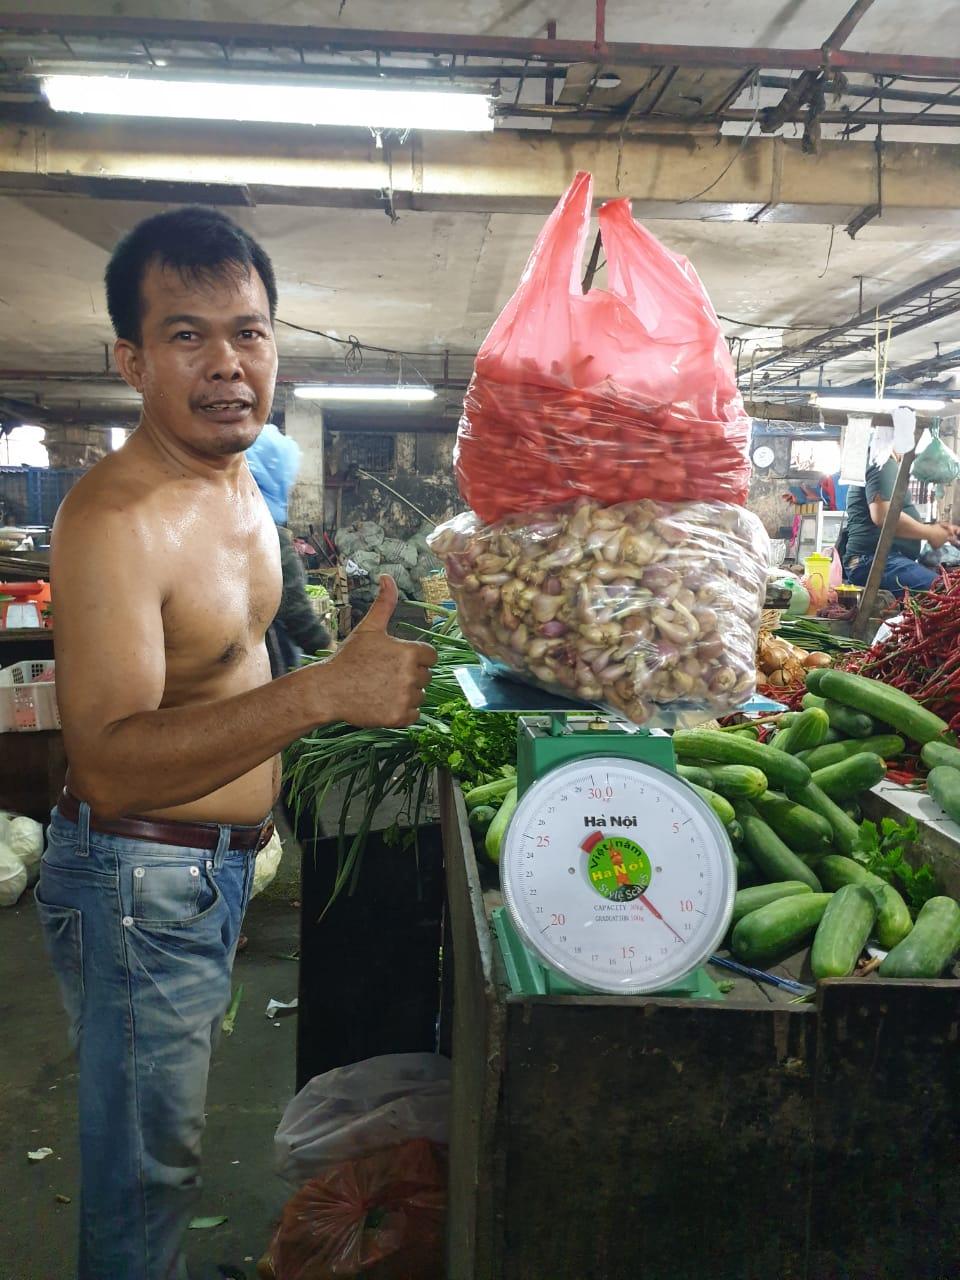 Timbangan Pegas merek Hanoi